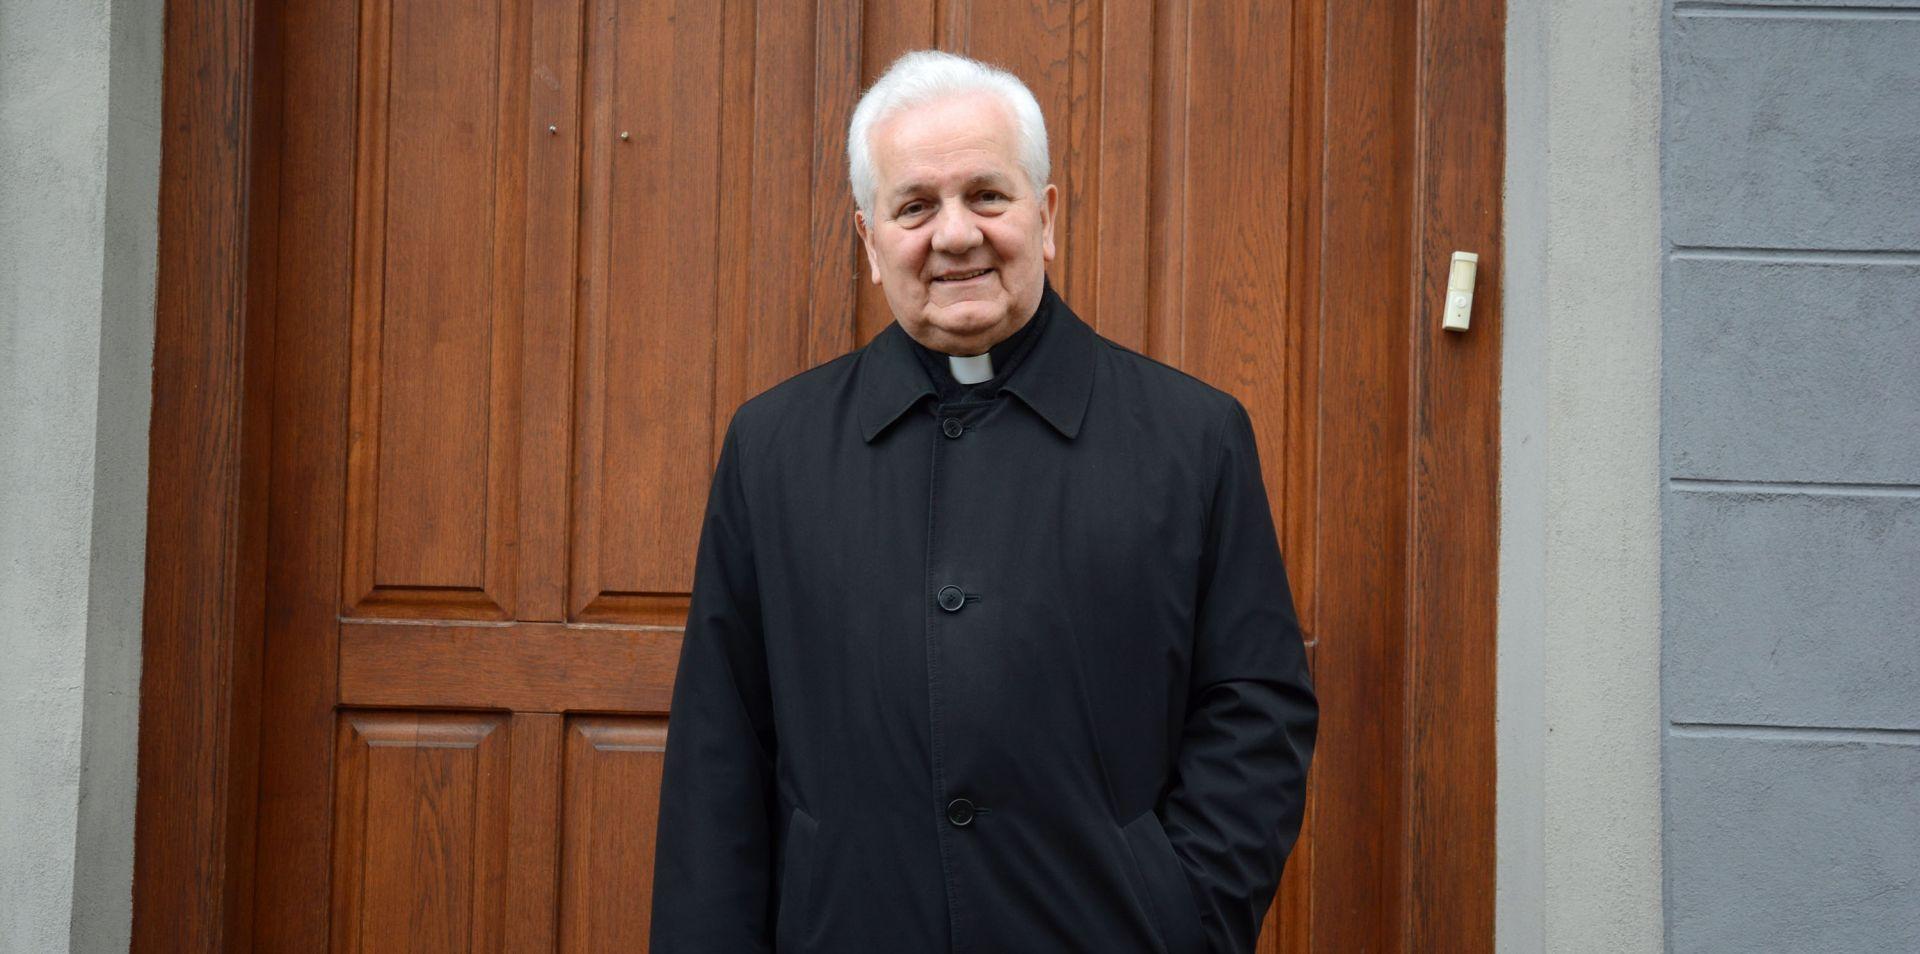 Biskup Komarica izložen političkom i medijskom linču zbog podsjećanja na ratne zločine u Banja Luci